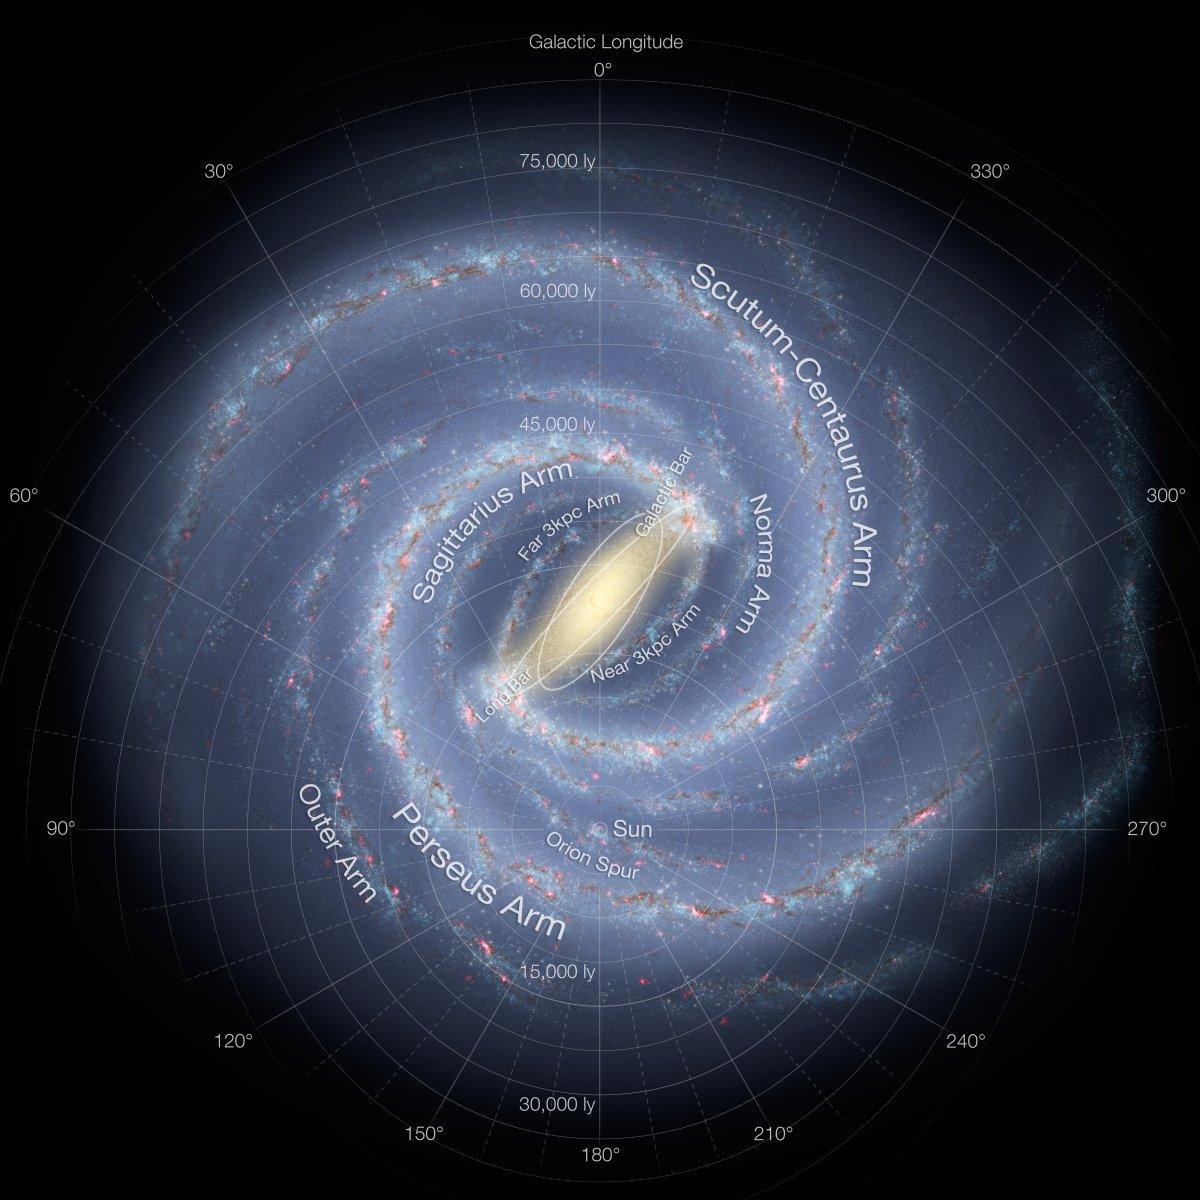 """Во малата точка каде што пишува """"Sun"""" се наоѓа нашиот Сончев систем. Околу него лебдат преостанатите 100 милијарди познати ѕвезди од нашата галаксија Млечен пат."""